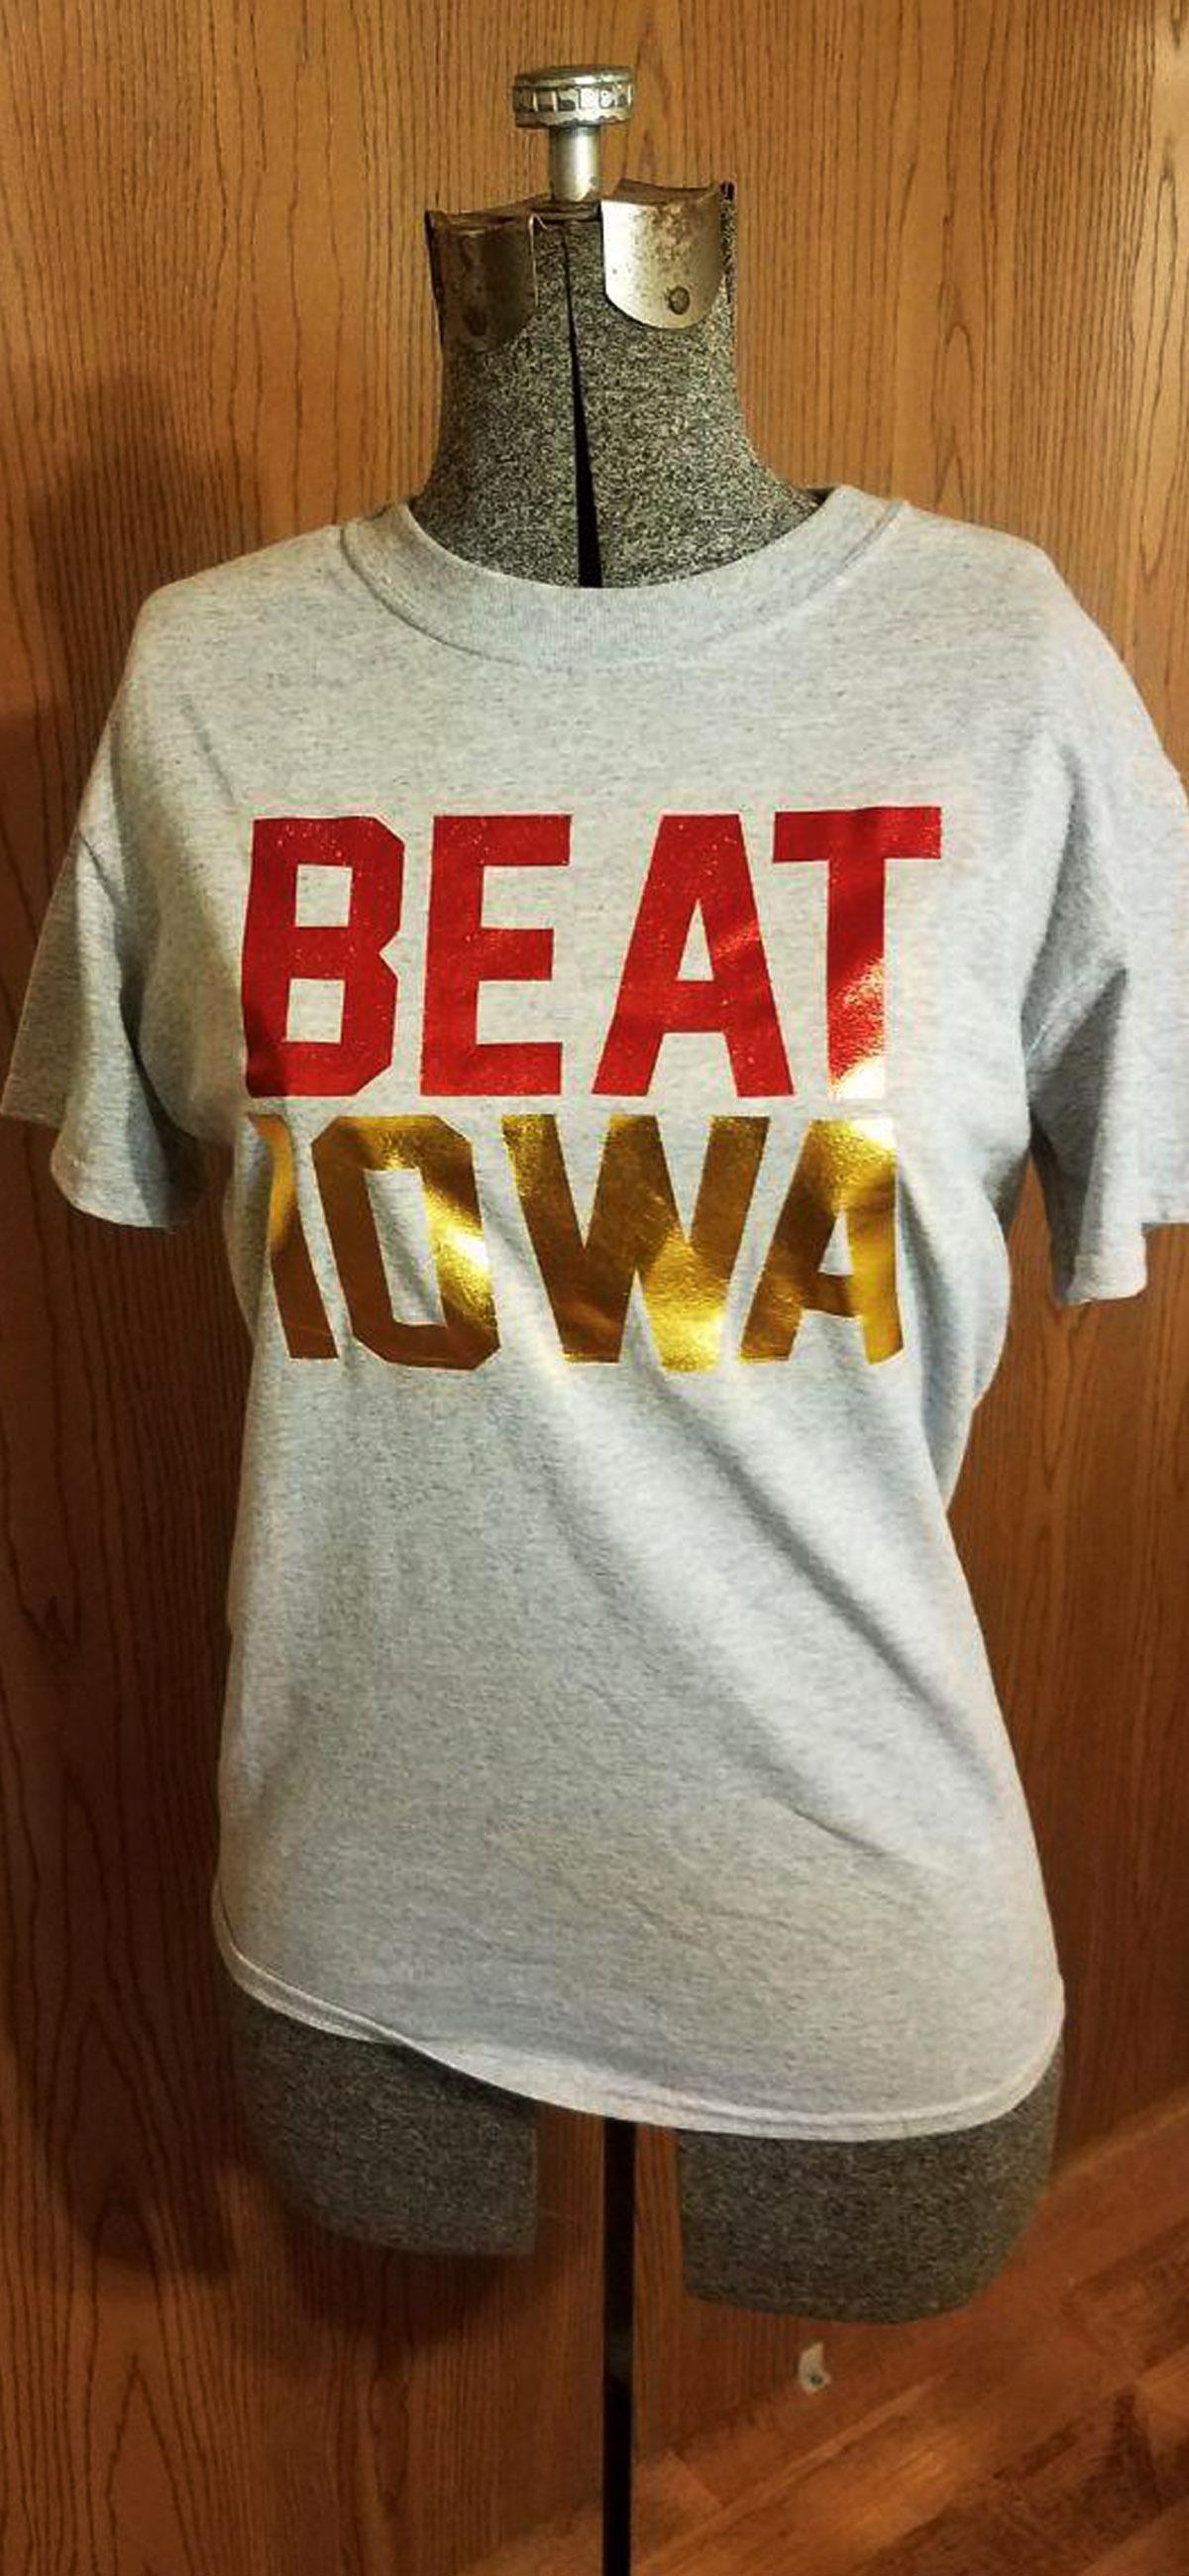 Beat Iowa